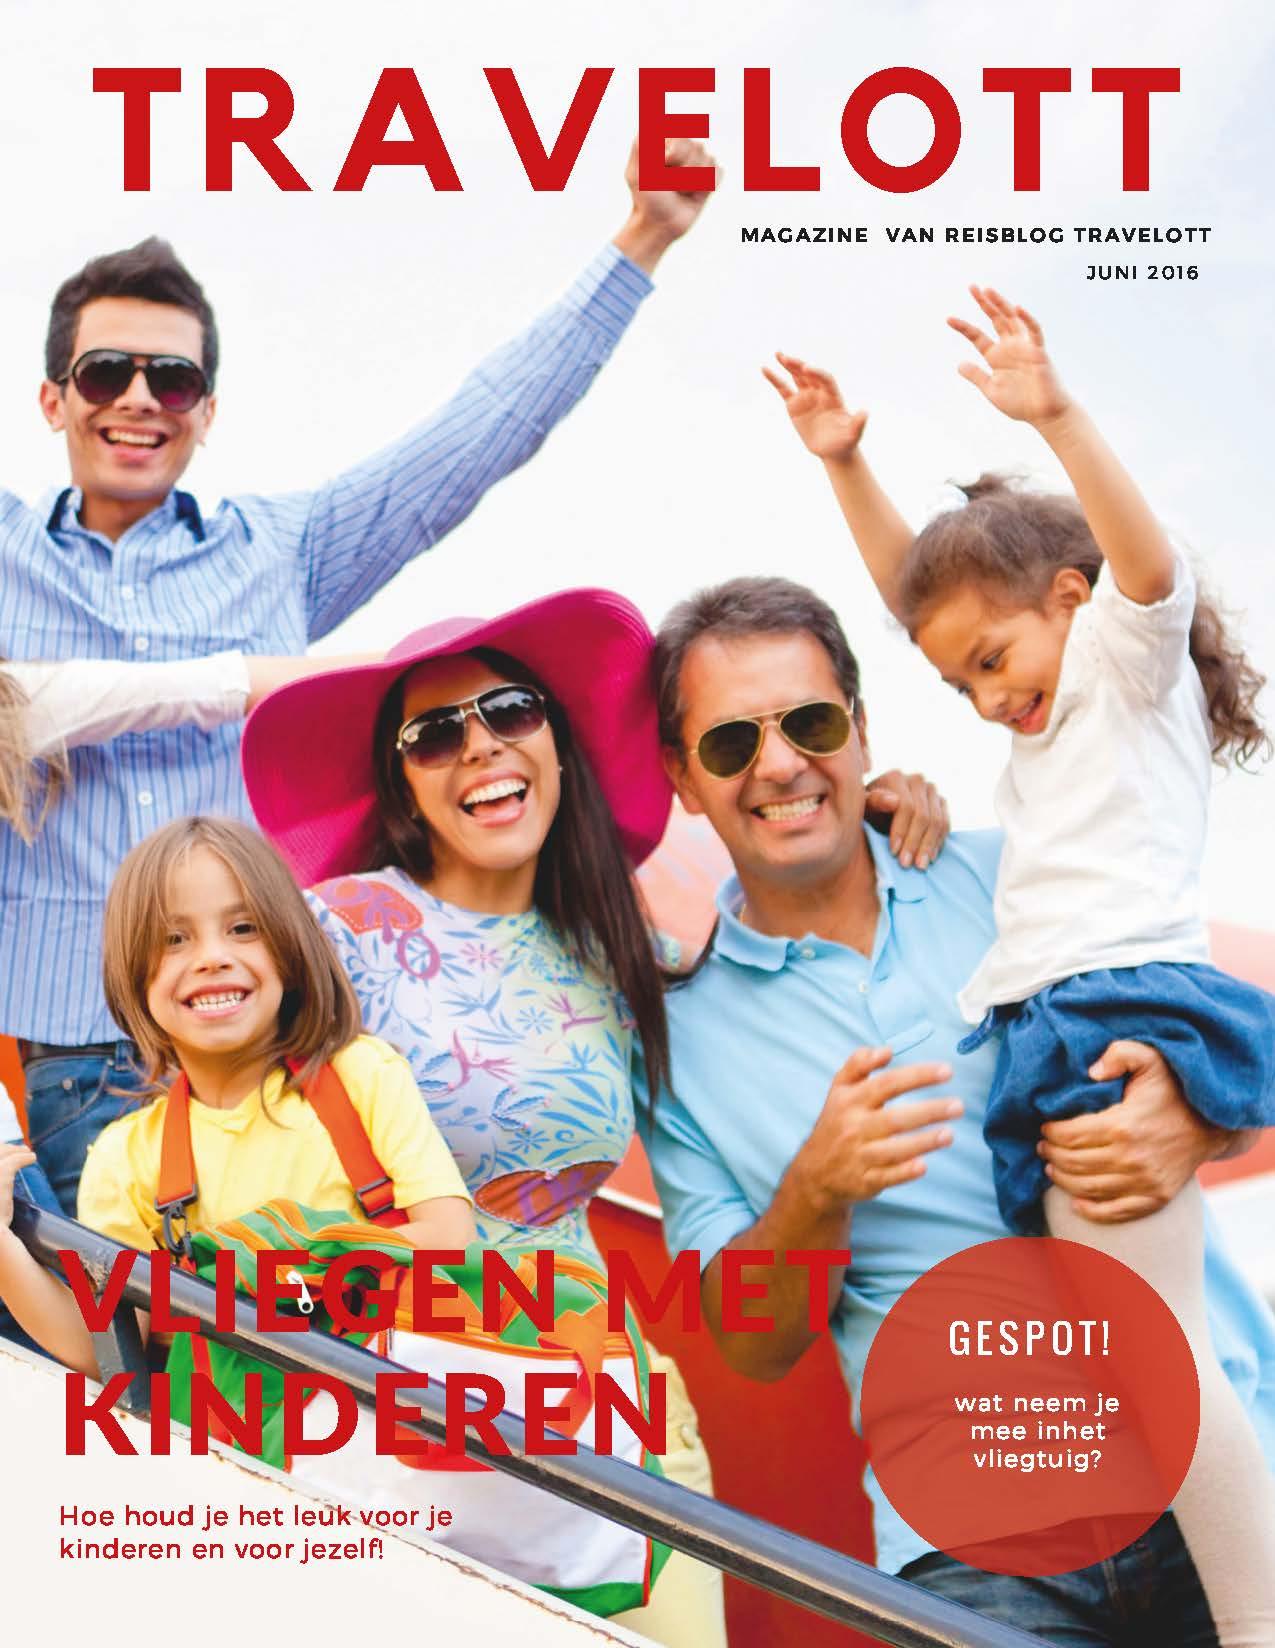 Vliegen met kinderen reismagazine van Travelott